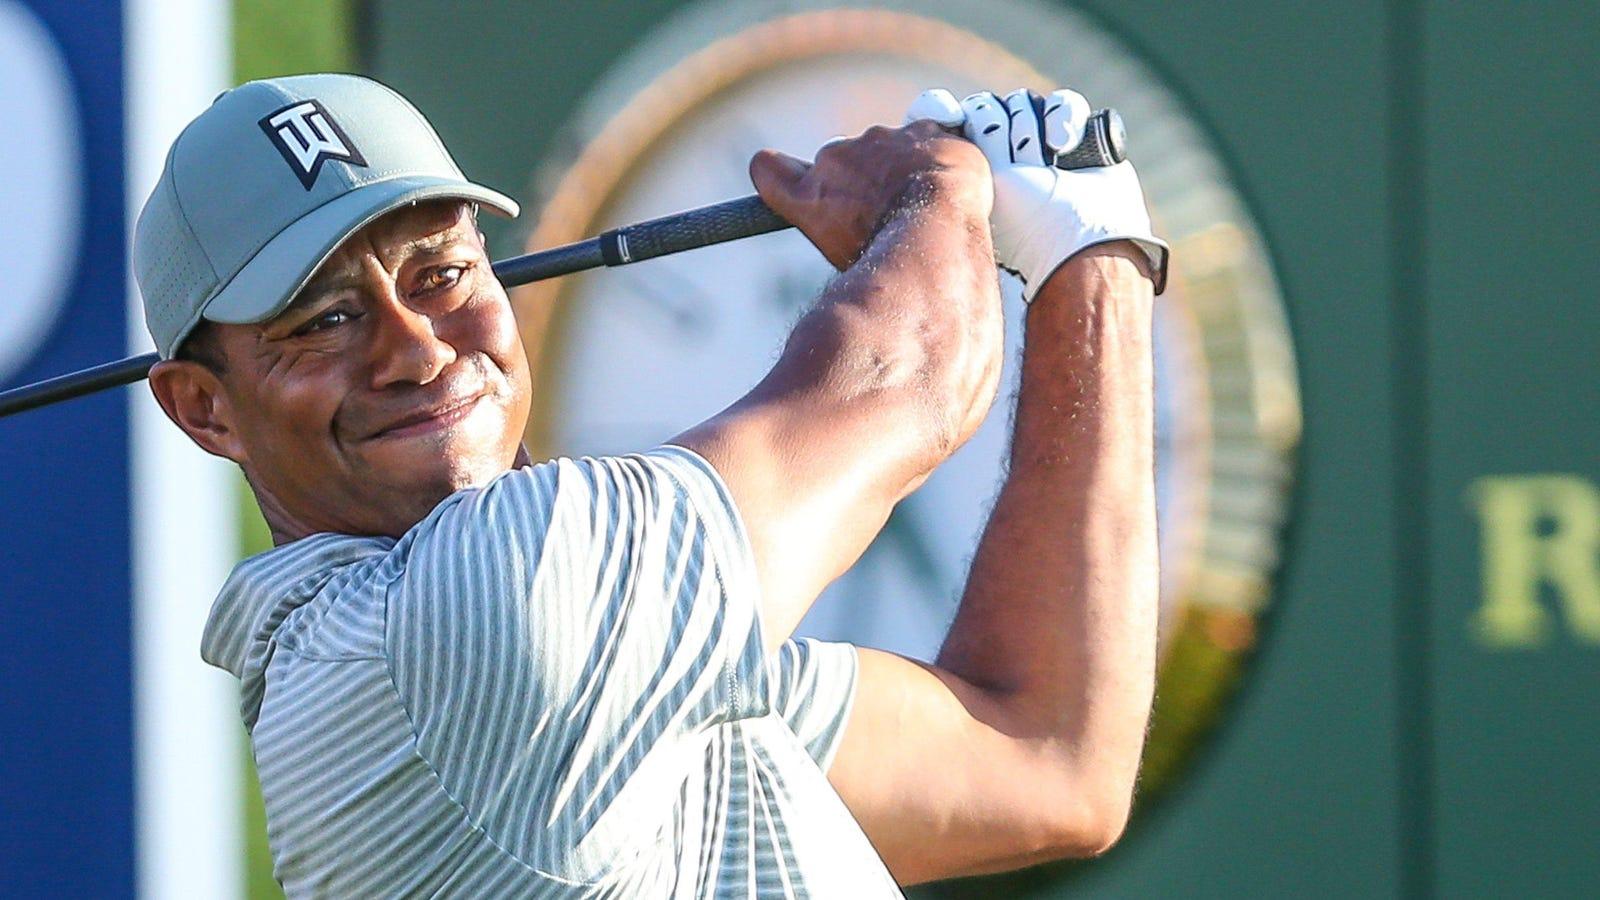 18+ Cbs golf telecast viral